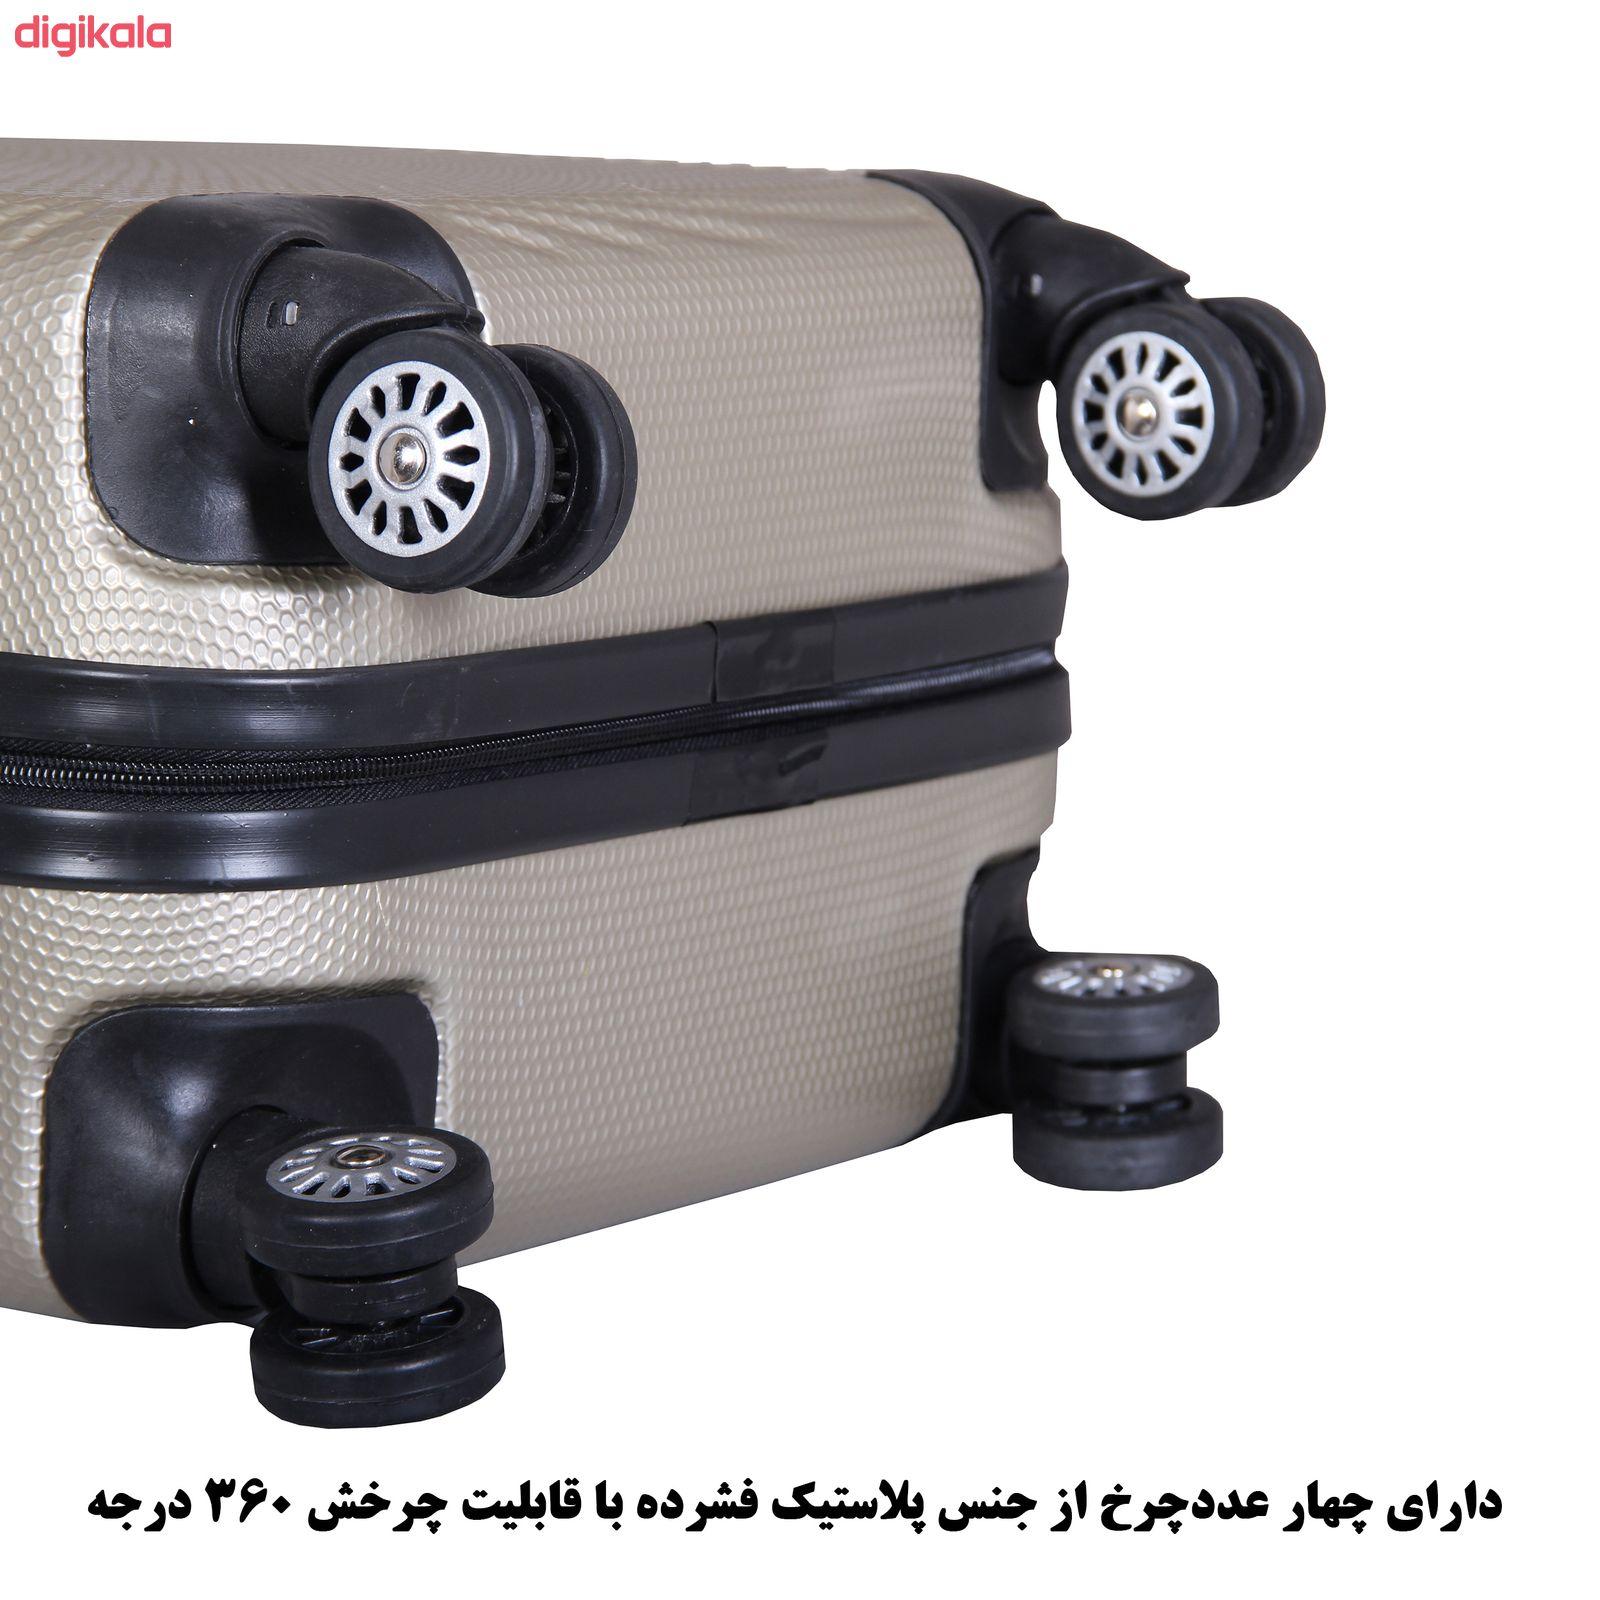 مجموعه چهار عددی چمدان اسپرت من مدل NS001 main 1 22